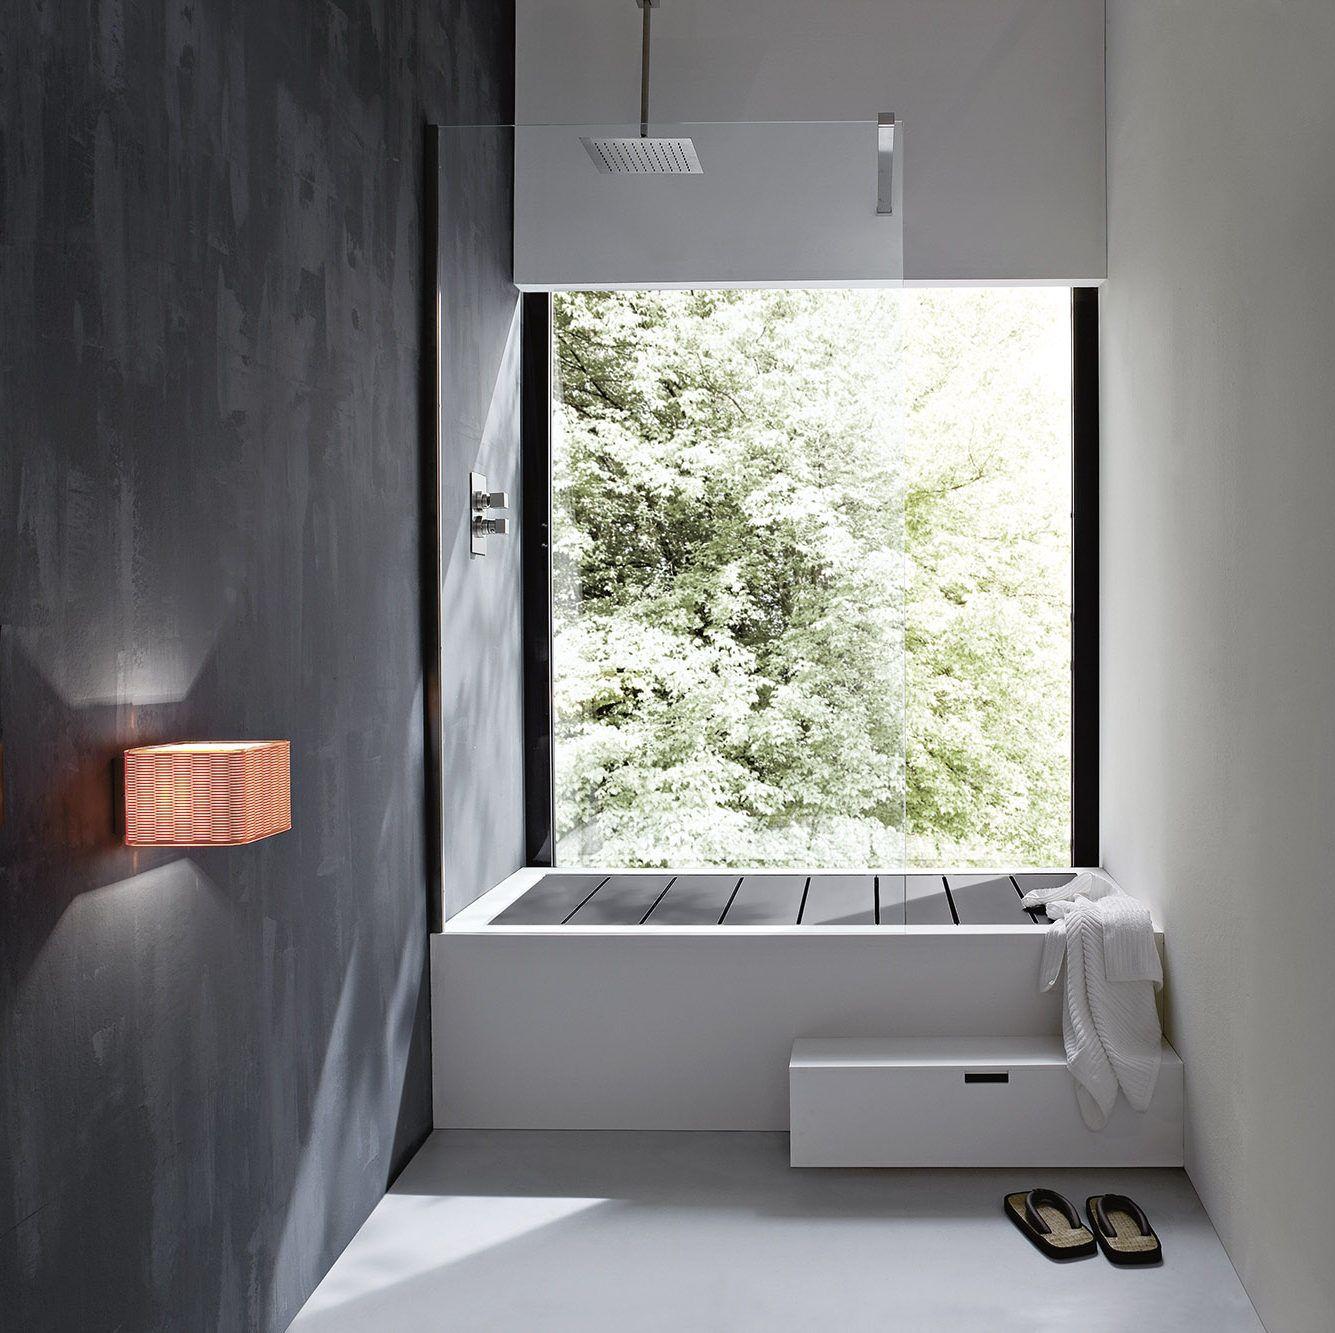 Bildergebnis für duschbadewanne design Duschbadewanne